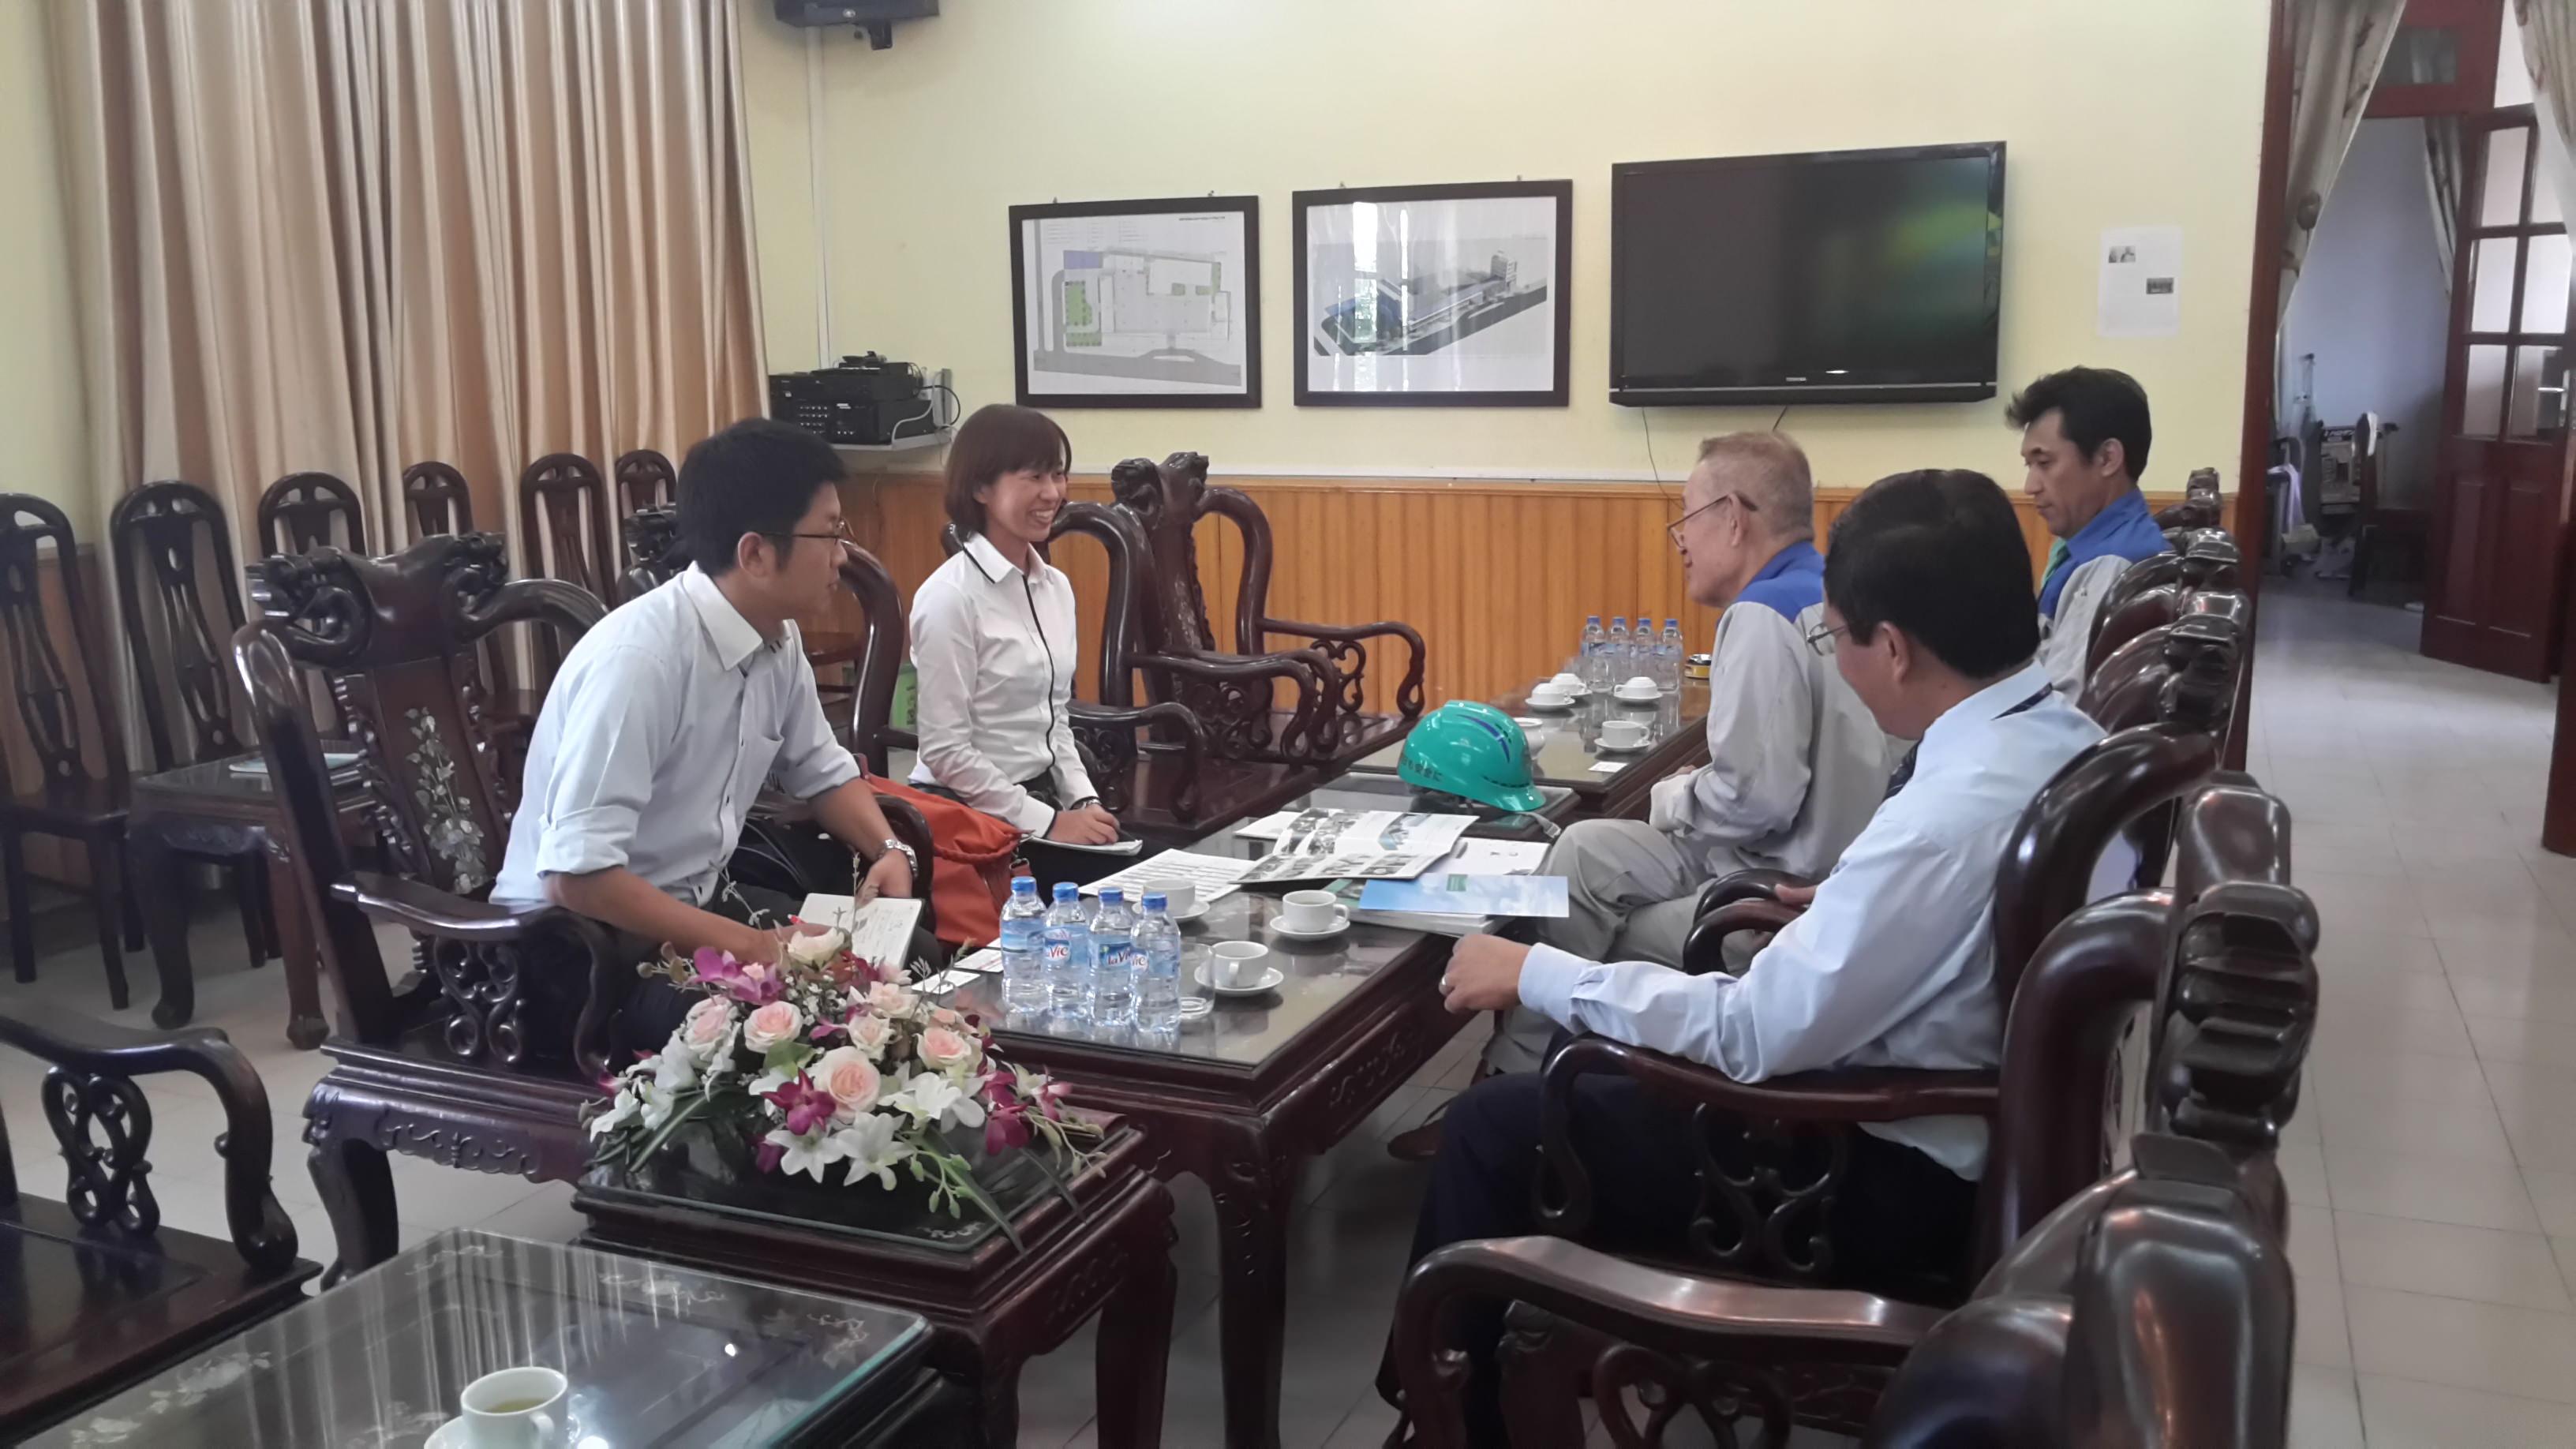 Đoàn đại biểu Đại sứ quán Nhật Bản đến thăm và làm việc tại trường dạy nghề quốc tế NIBELC Ninh Bình